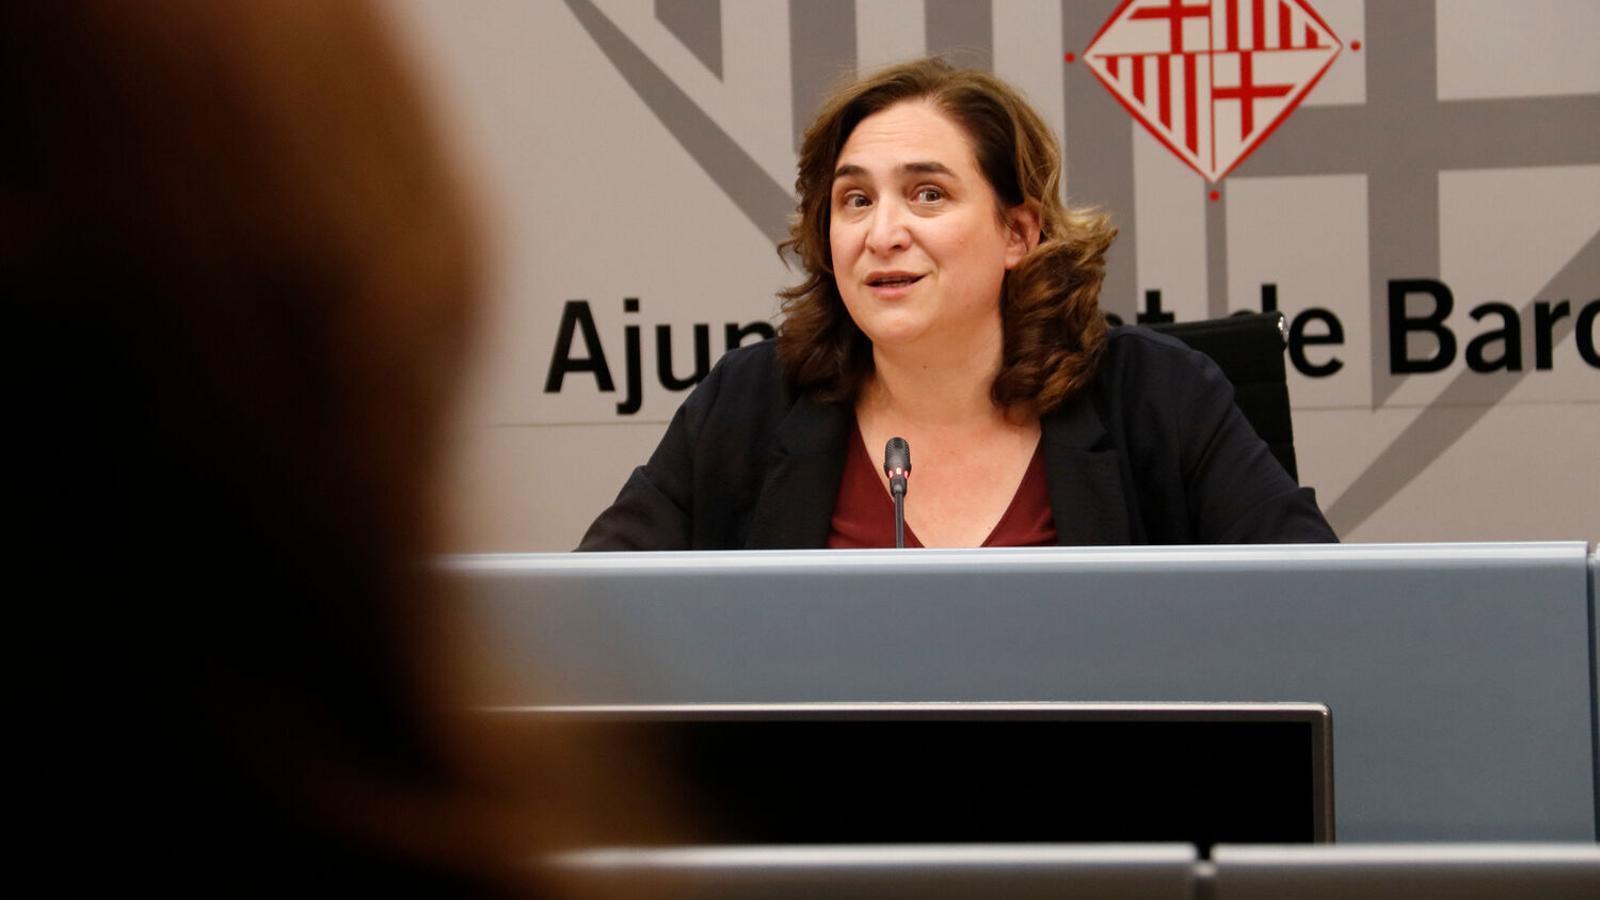 Malestar a l'oposició perquè Ada Colau no doni les explicacions pel fiasco del concert als balcons